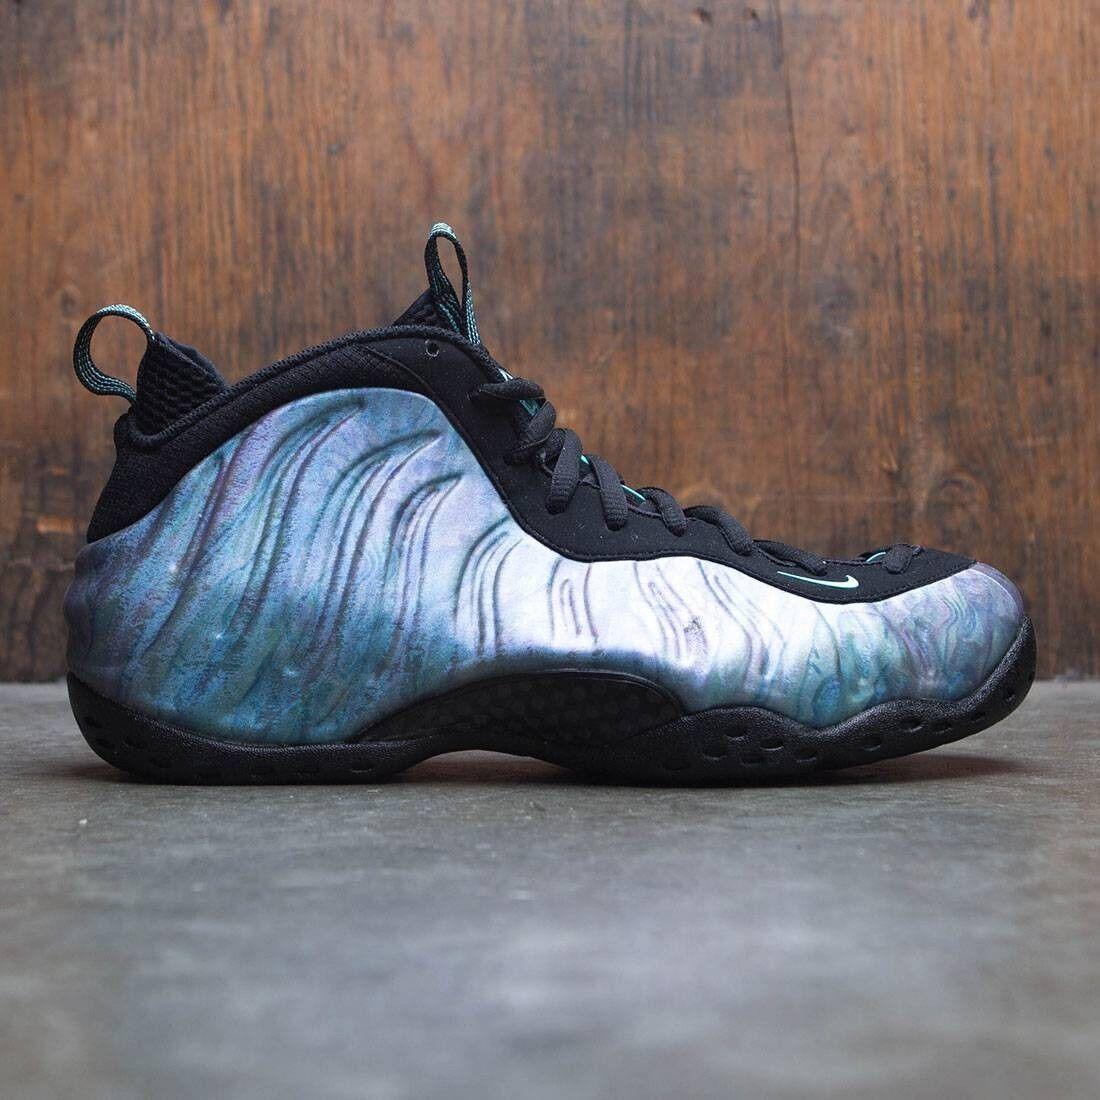 de nouvelles chaussures pour hommes et femmes, air temps limité discount nike air femmes, foamposite un prm abalone multicolor confortable 33a84a